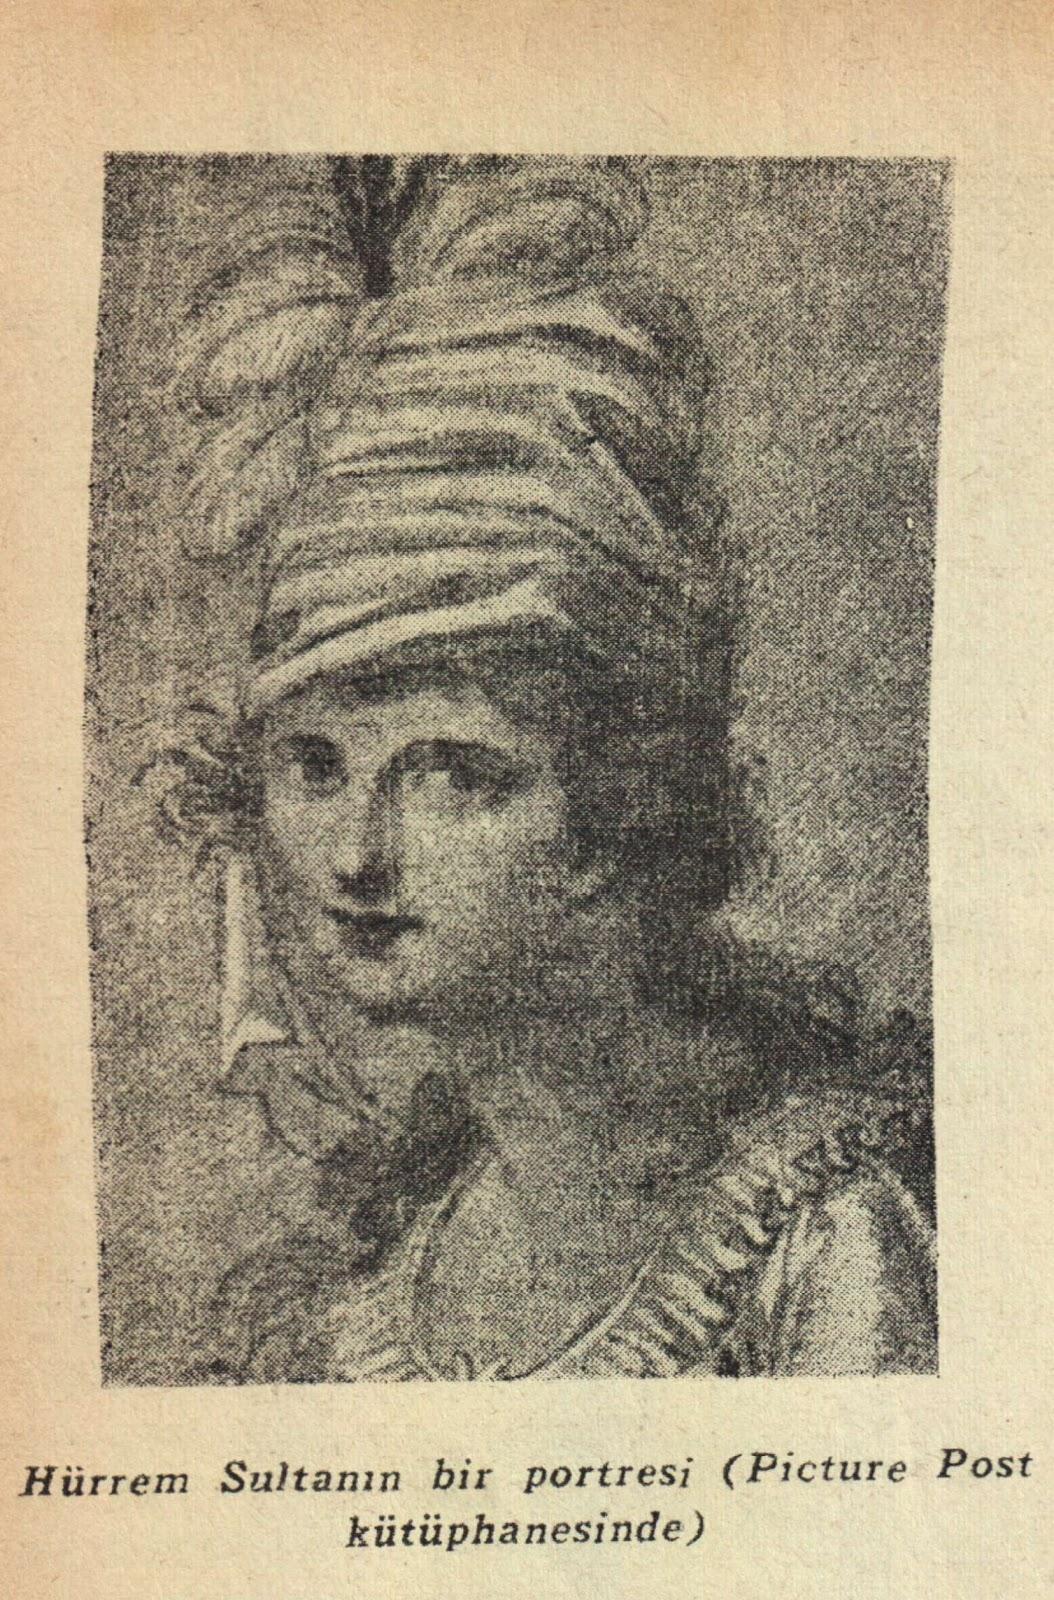 Hürrem sultanın bir portresi soruların altına yazdığımız